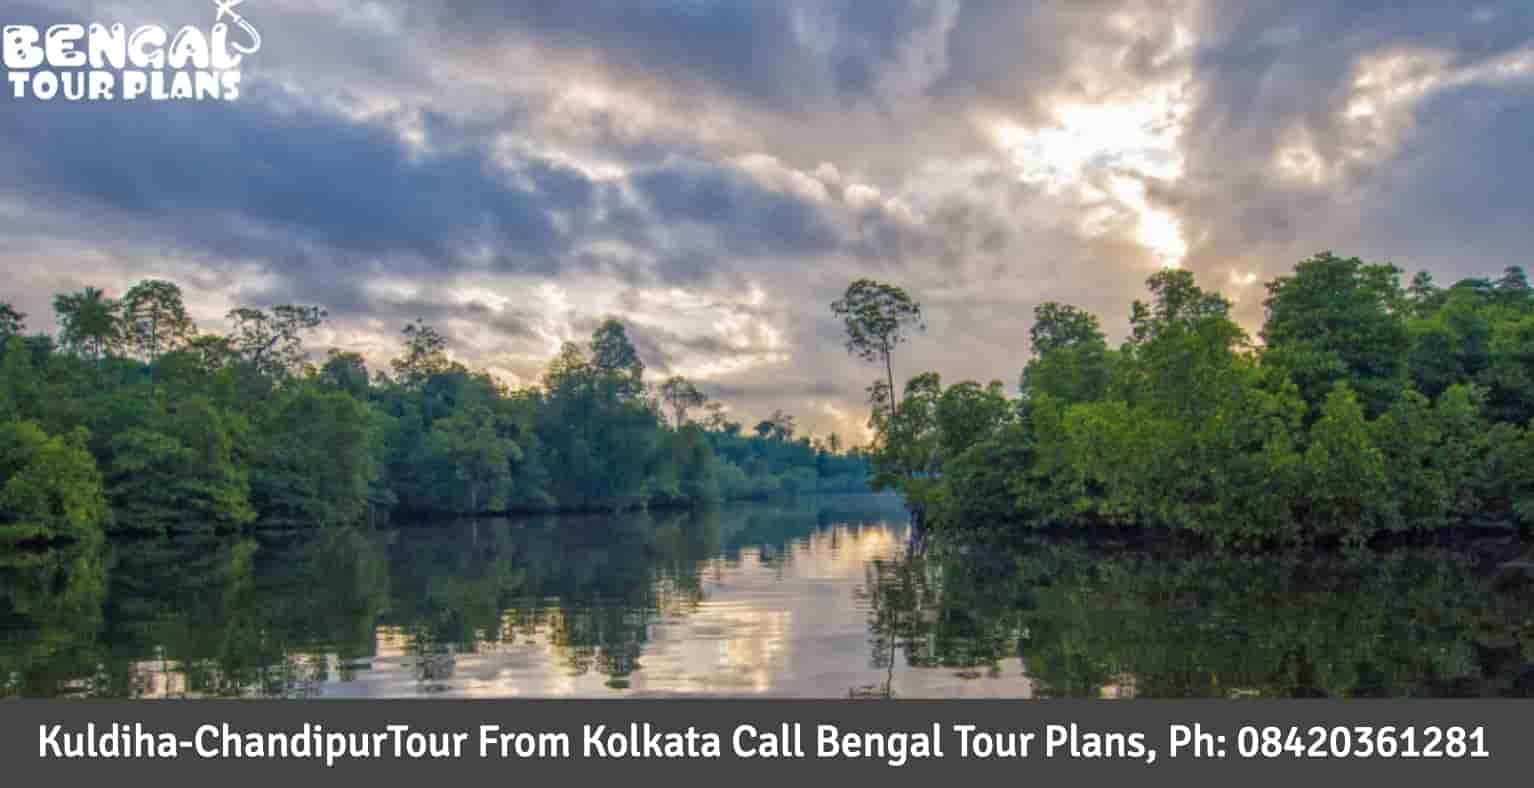 Kuldiha Chandipur Tour From Kolkata